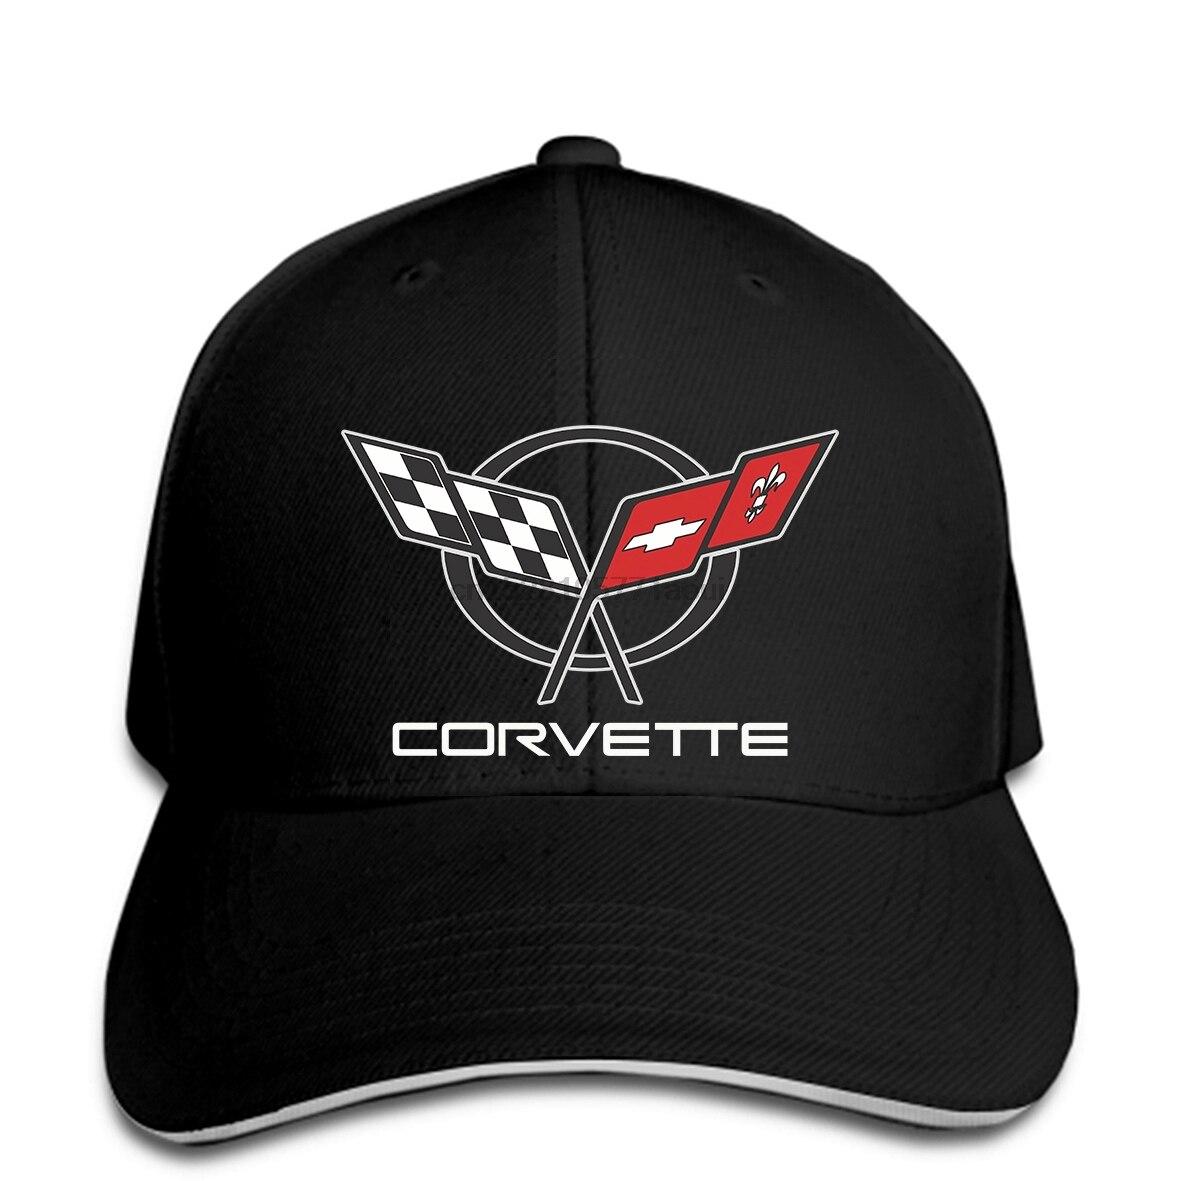 Baseball cap CORVETTE C5 - -CHEMISE CORVETTE C5 RACING TEAM ALL LOGO IN BRODERY